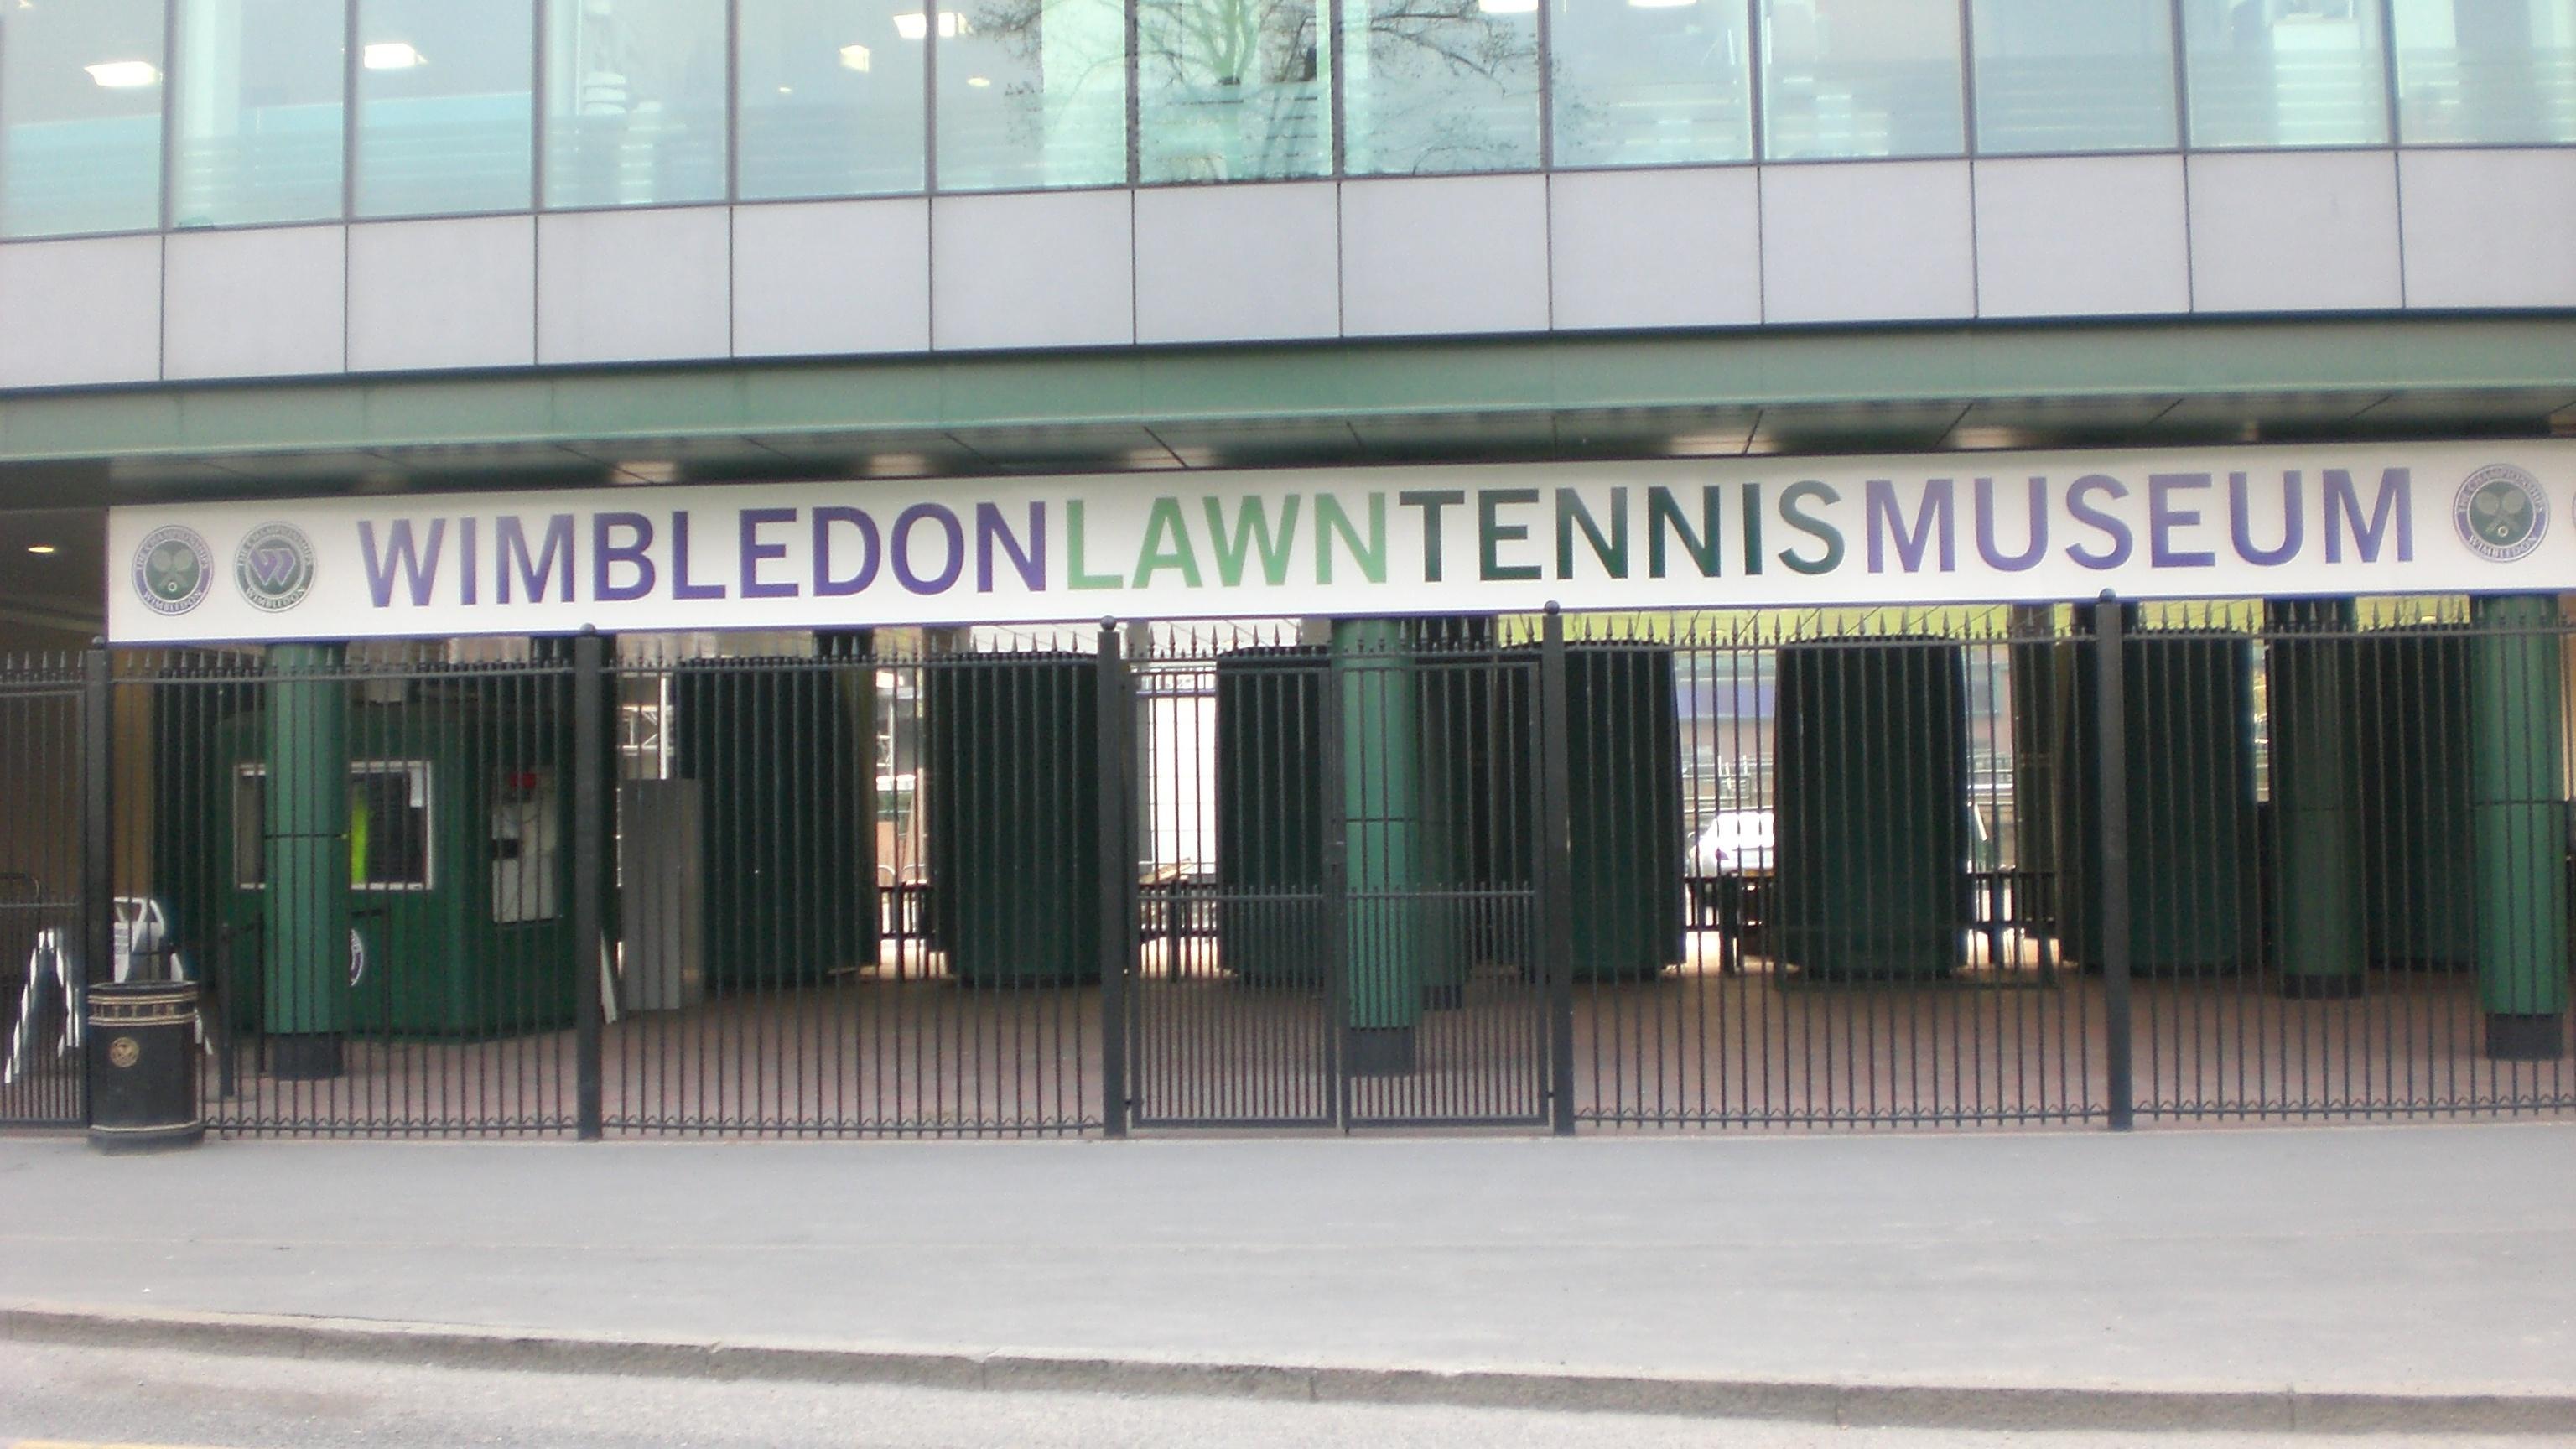 Wimbledon_Lawn_Tennis_Museum_(485259229).jpg